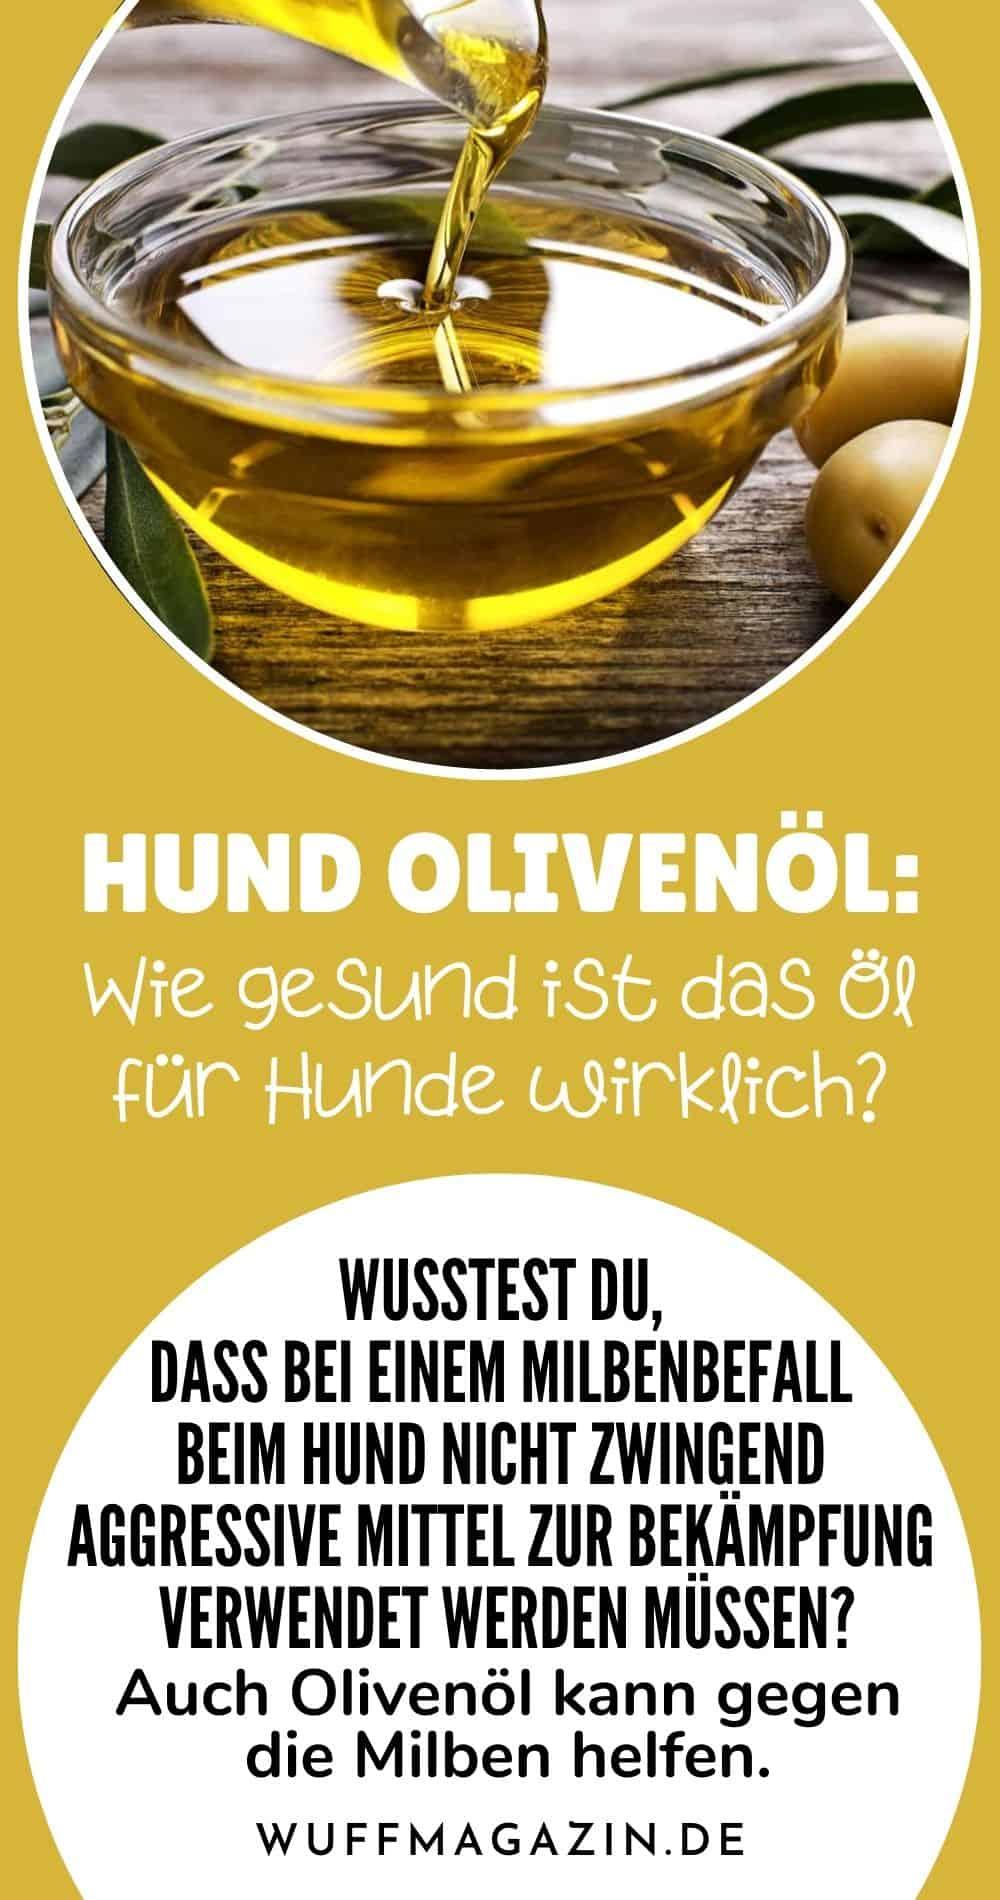 Hund Olivenöl – Wie gesund ist das Öl für Hunde wirklich